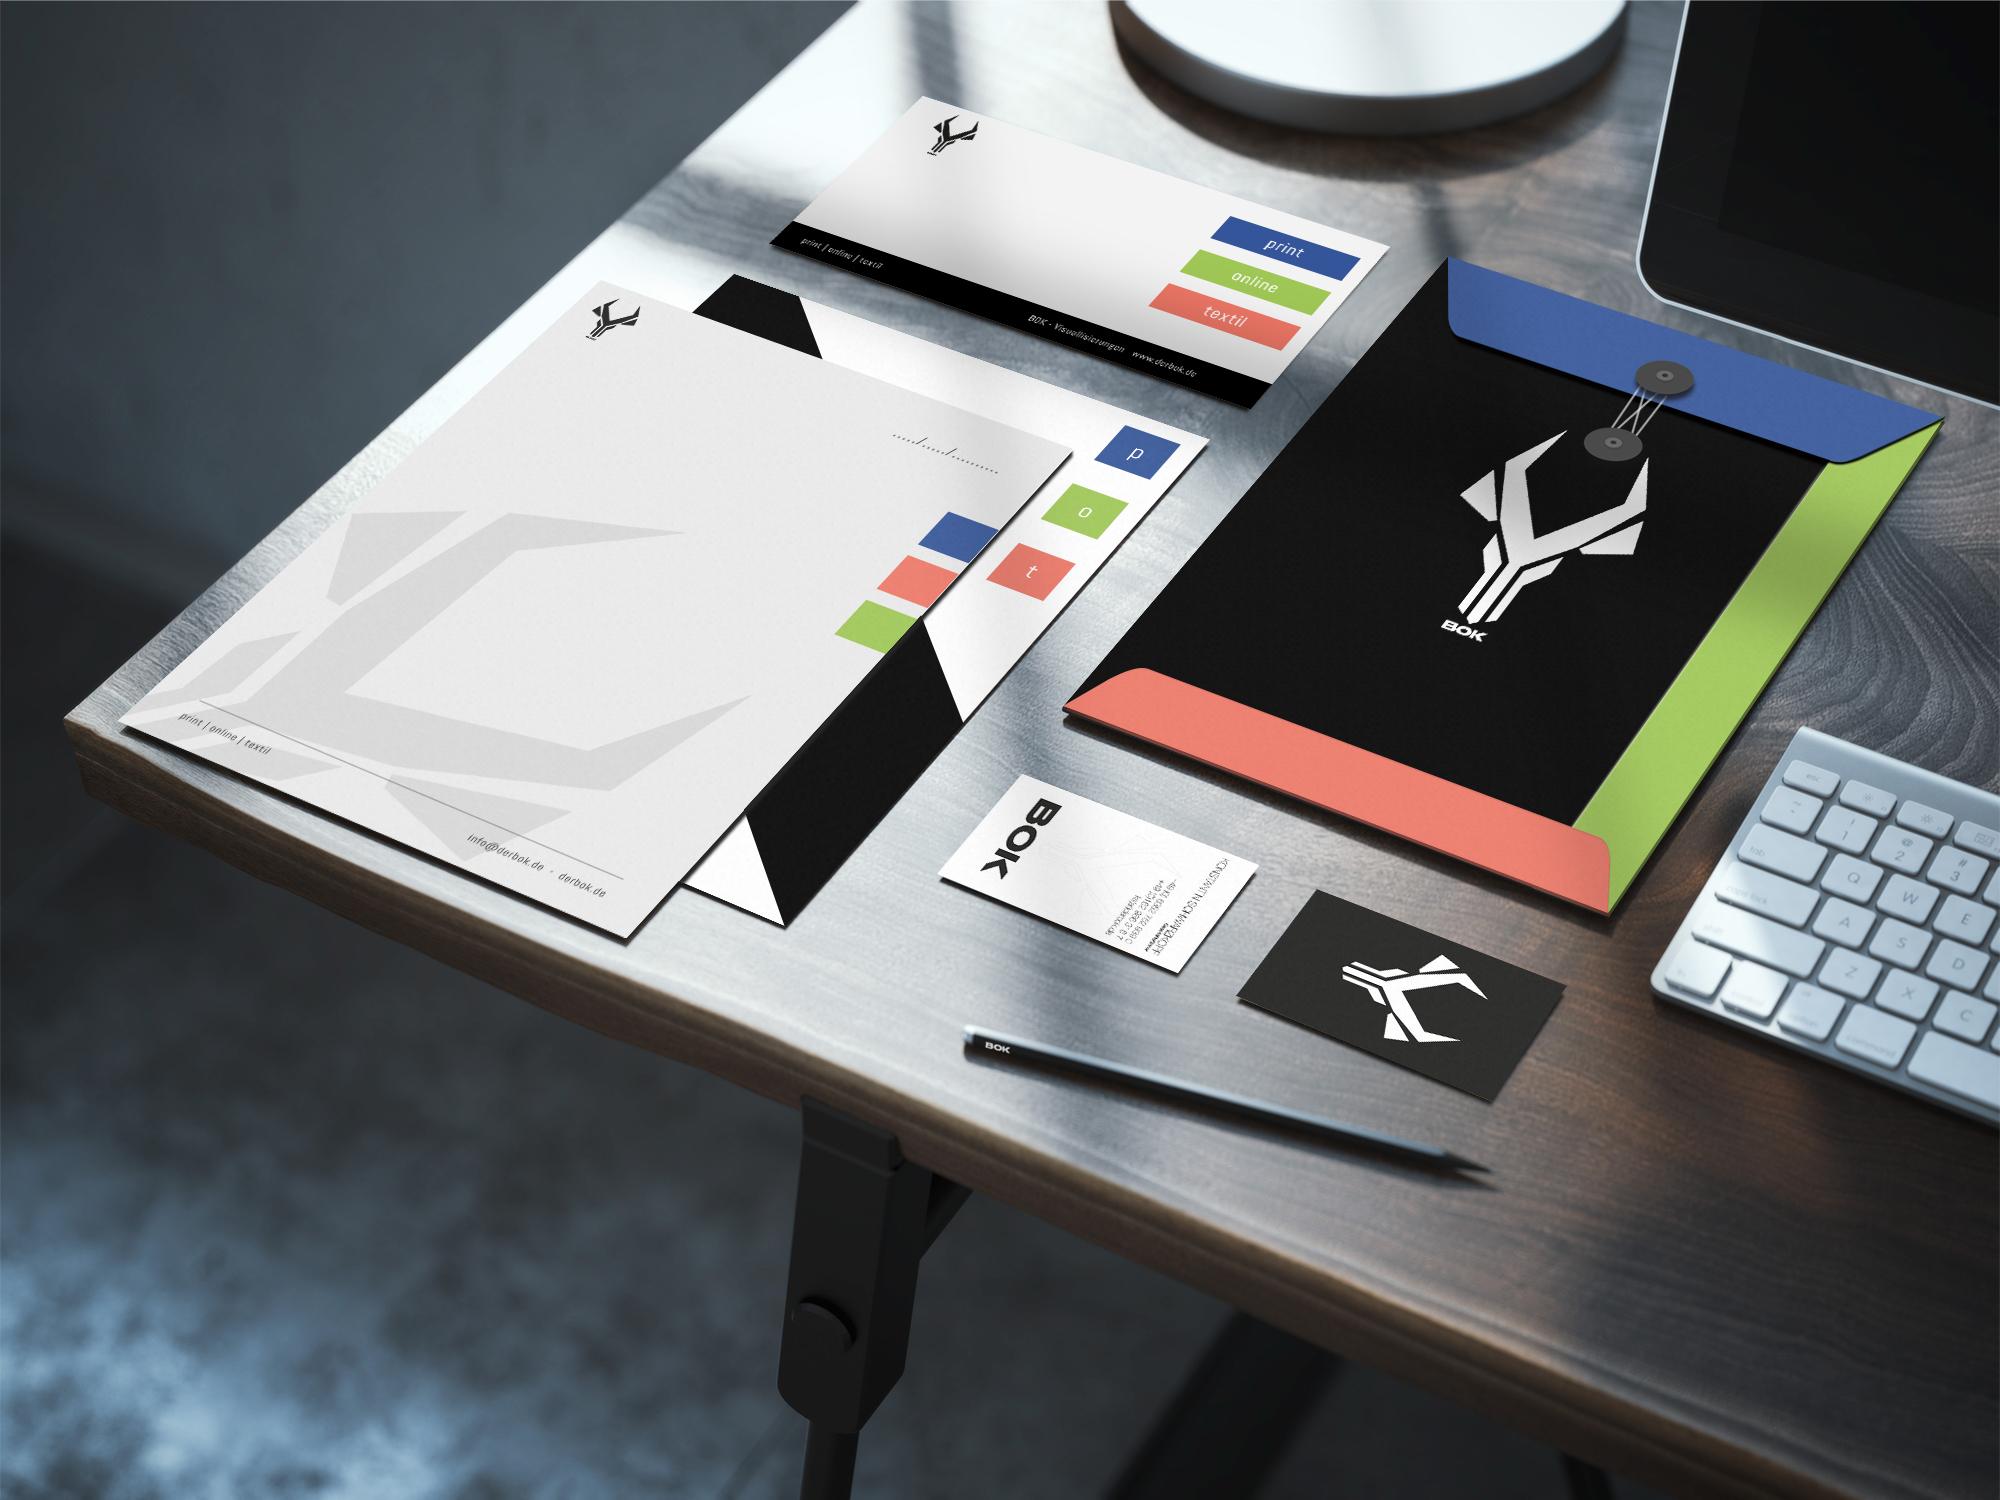 logo | flyer | visitenkarte | geschäftsausstattung | einladungskarte | aufkleber | aufsteller | banner | bierdeckel | mappe | getränkedose | plakat | speisekarte uvm.